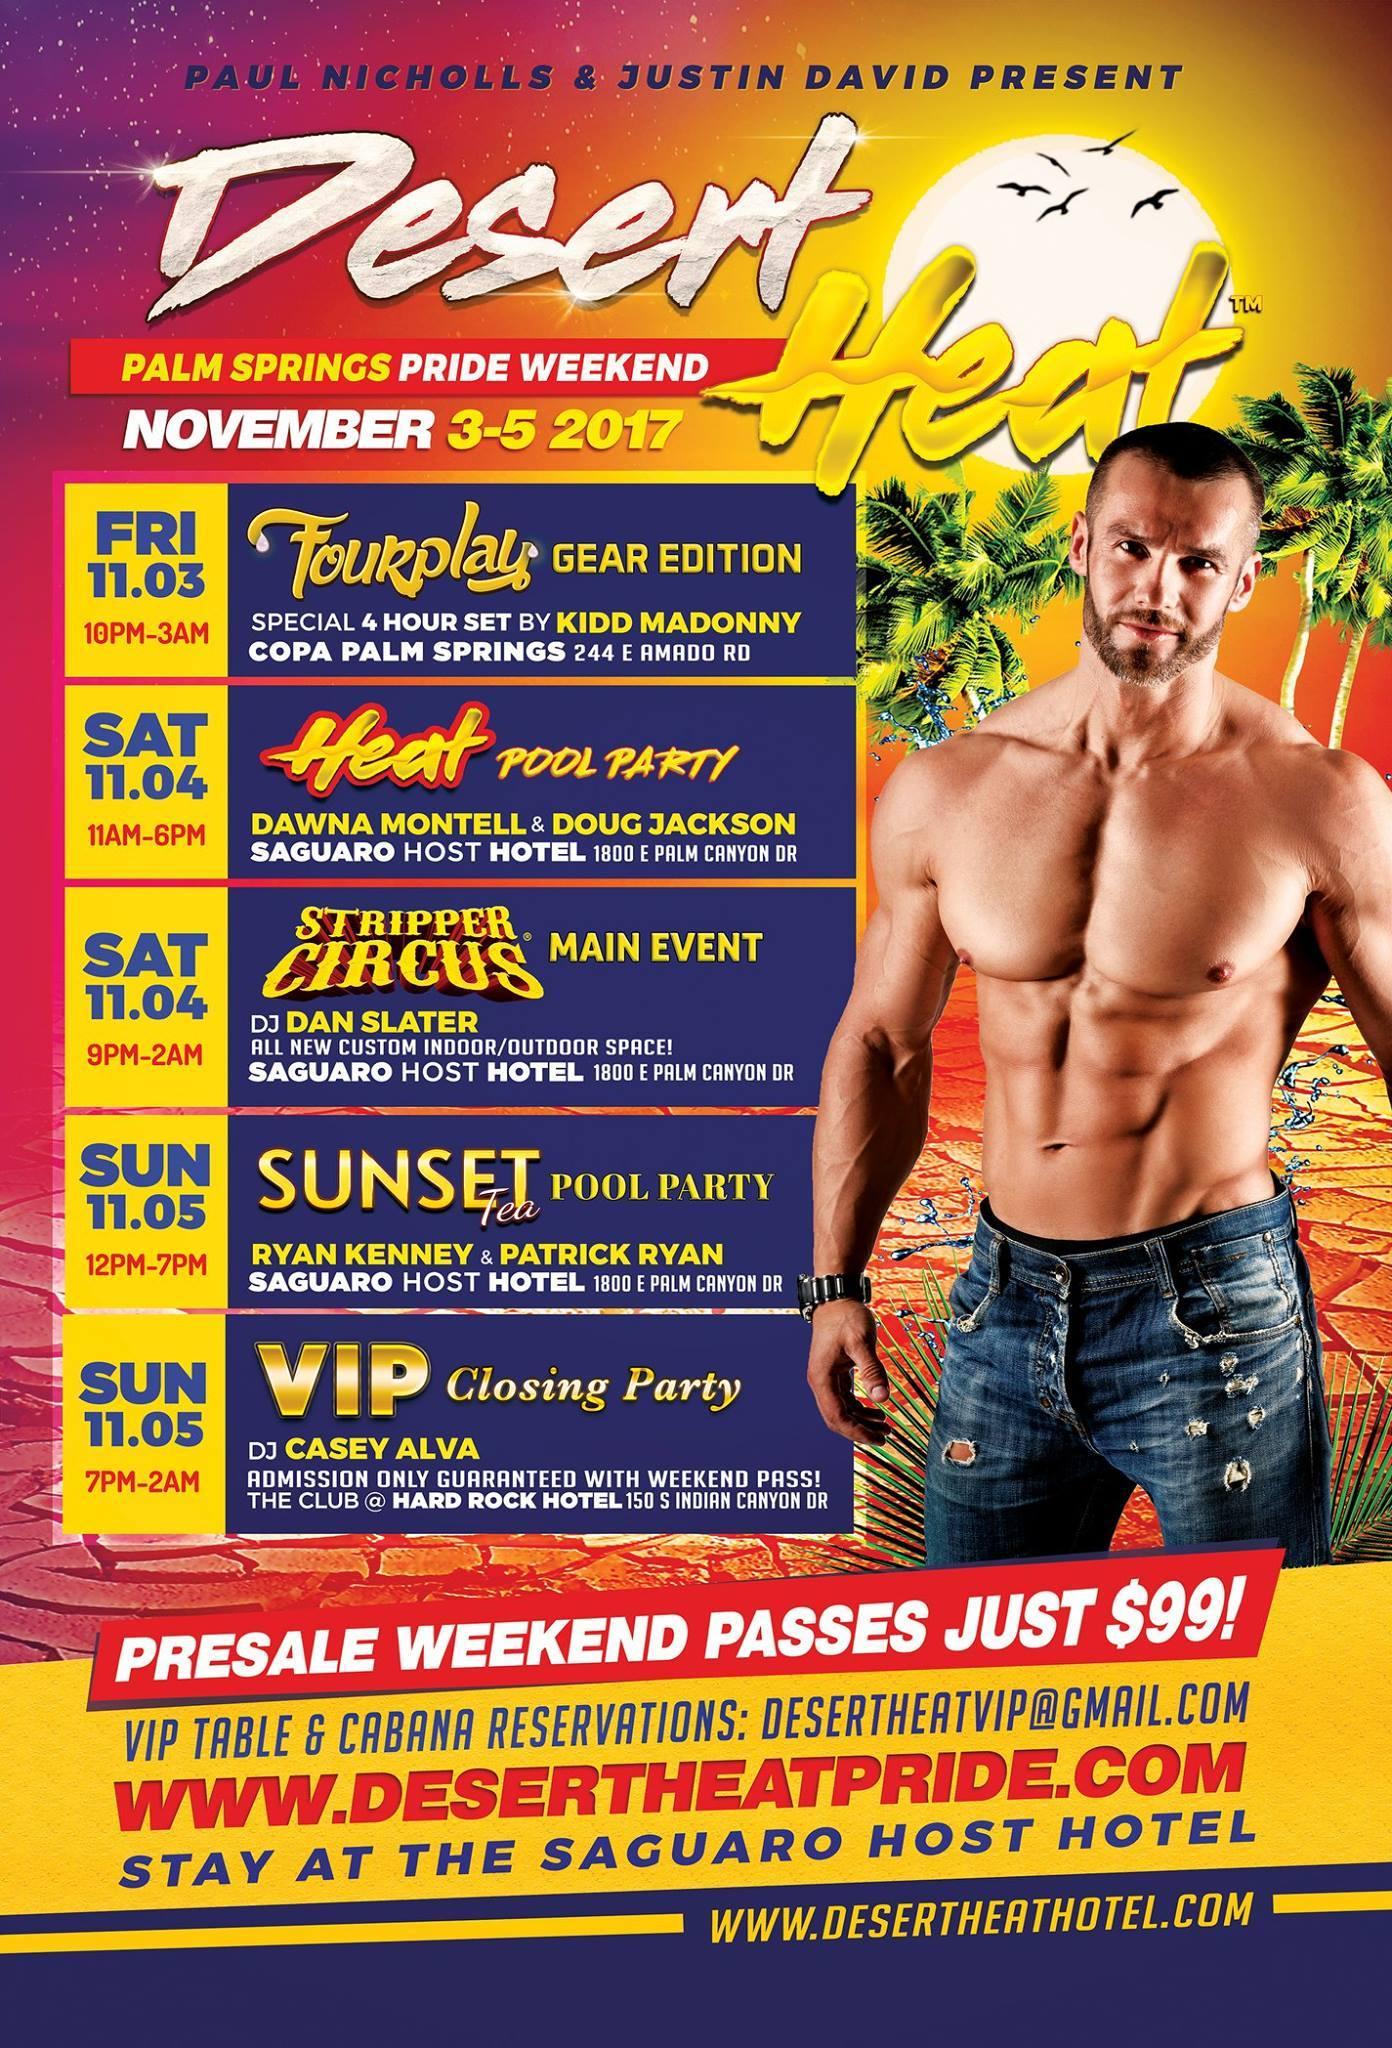 Desert Heat Palm Springs Pride